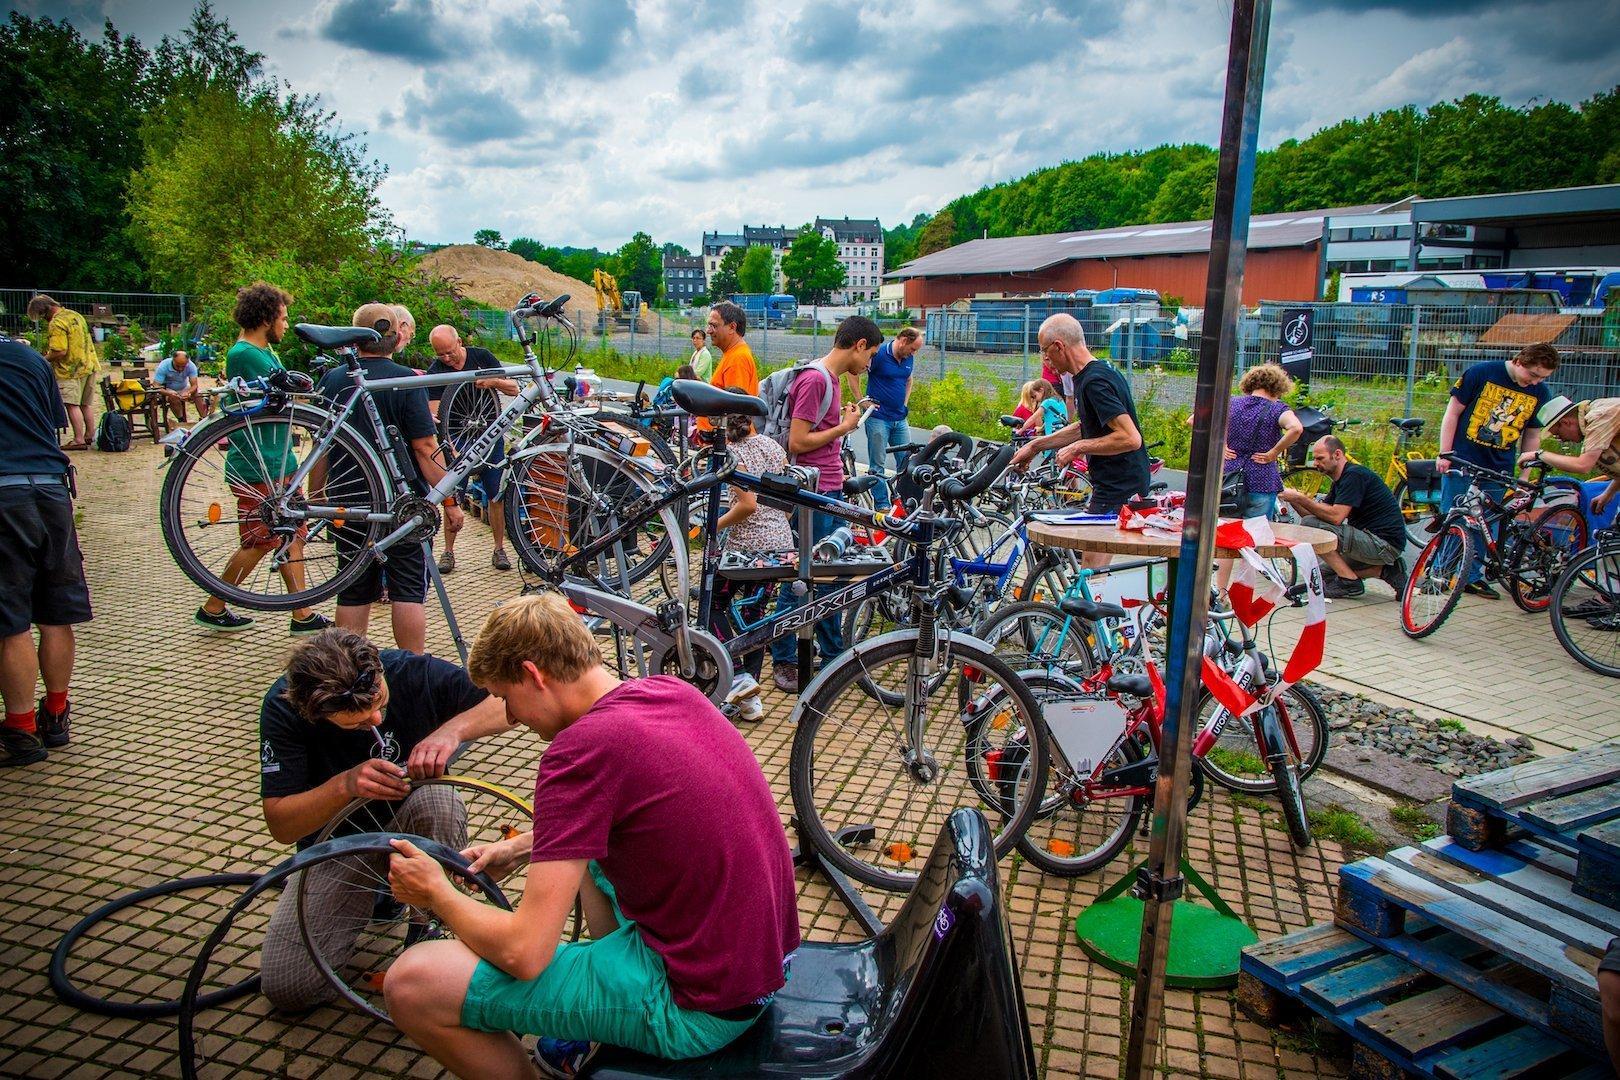 Viele Menschen auf einem Hof, die Fahrräder reparieren und sich dabei unterstützen.